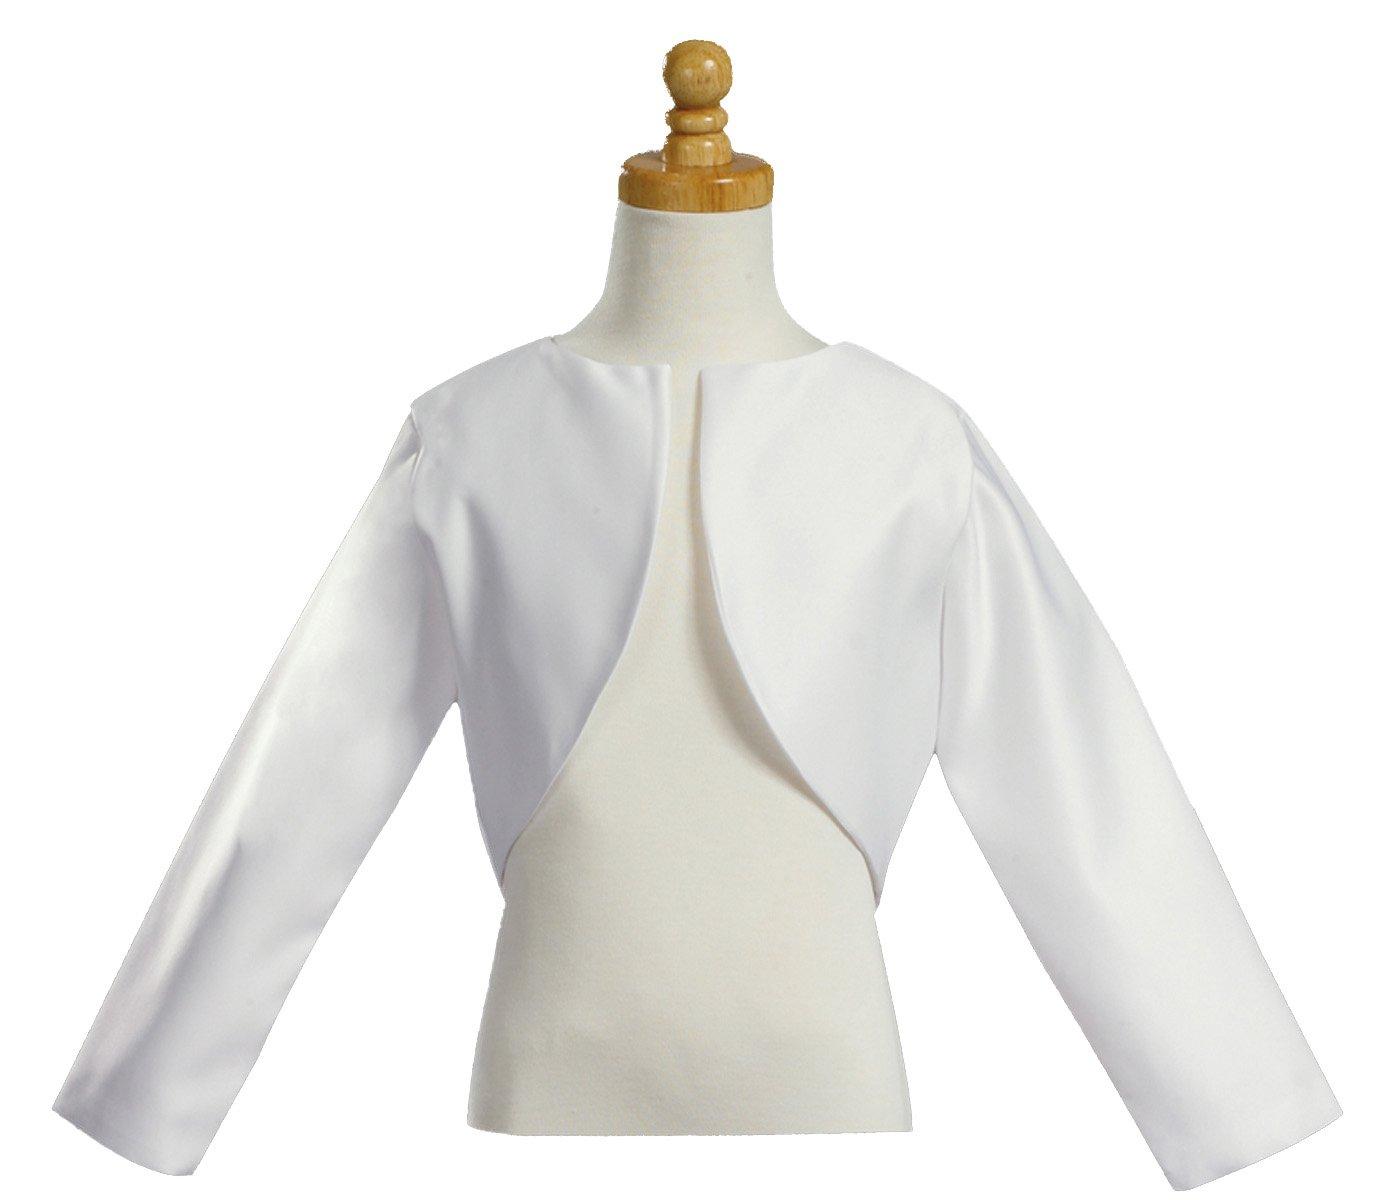 Girl's White Long Sleeve Satin Bolero Jacket - Size 14